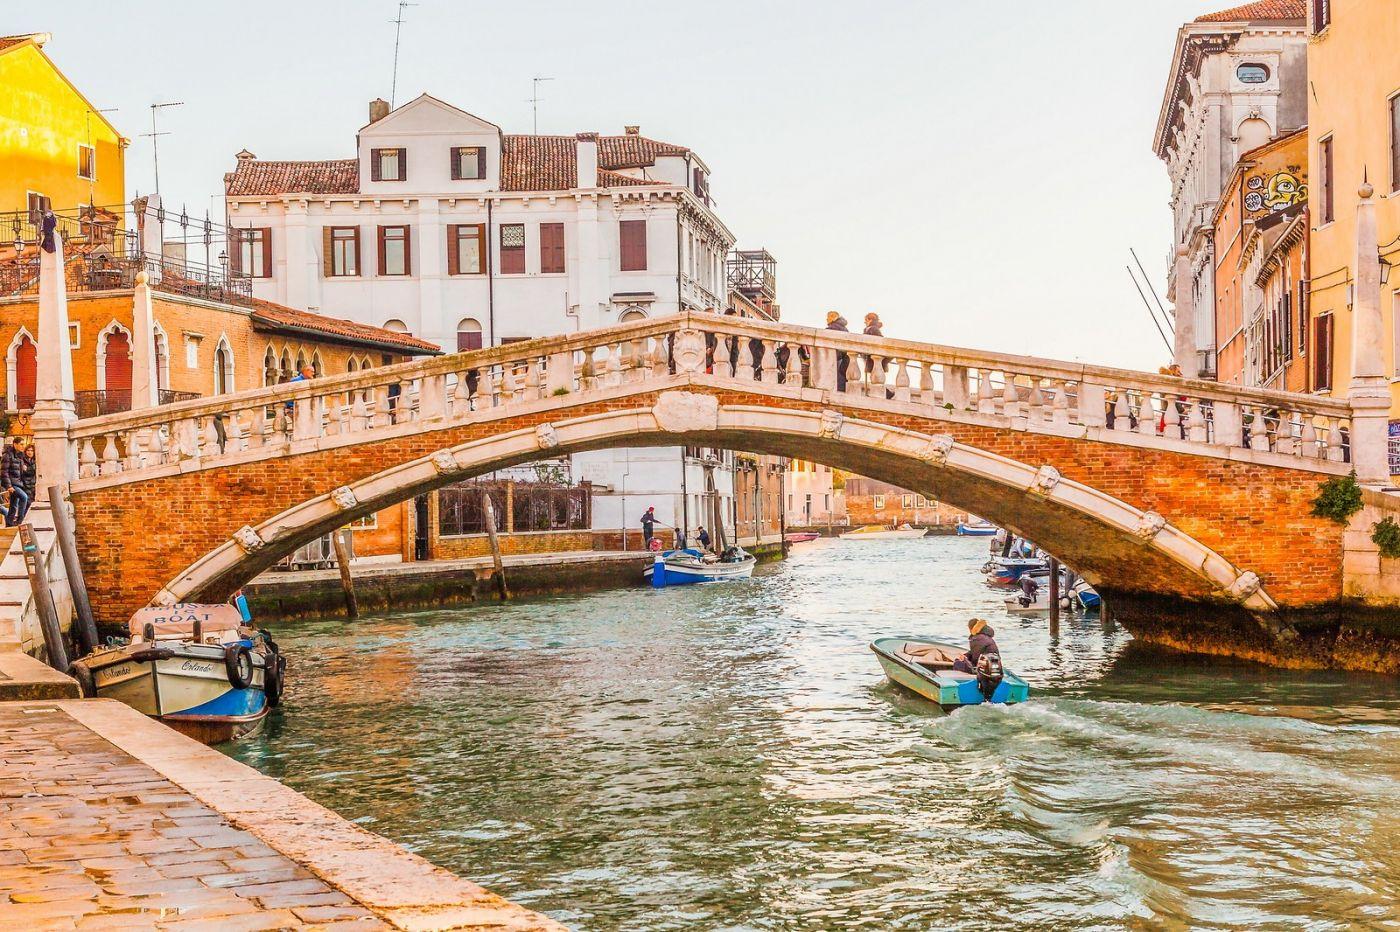 意大利威尼斯,桥的艺术_图1-10